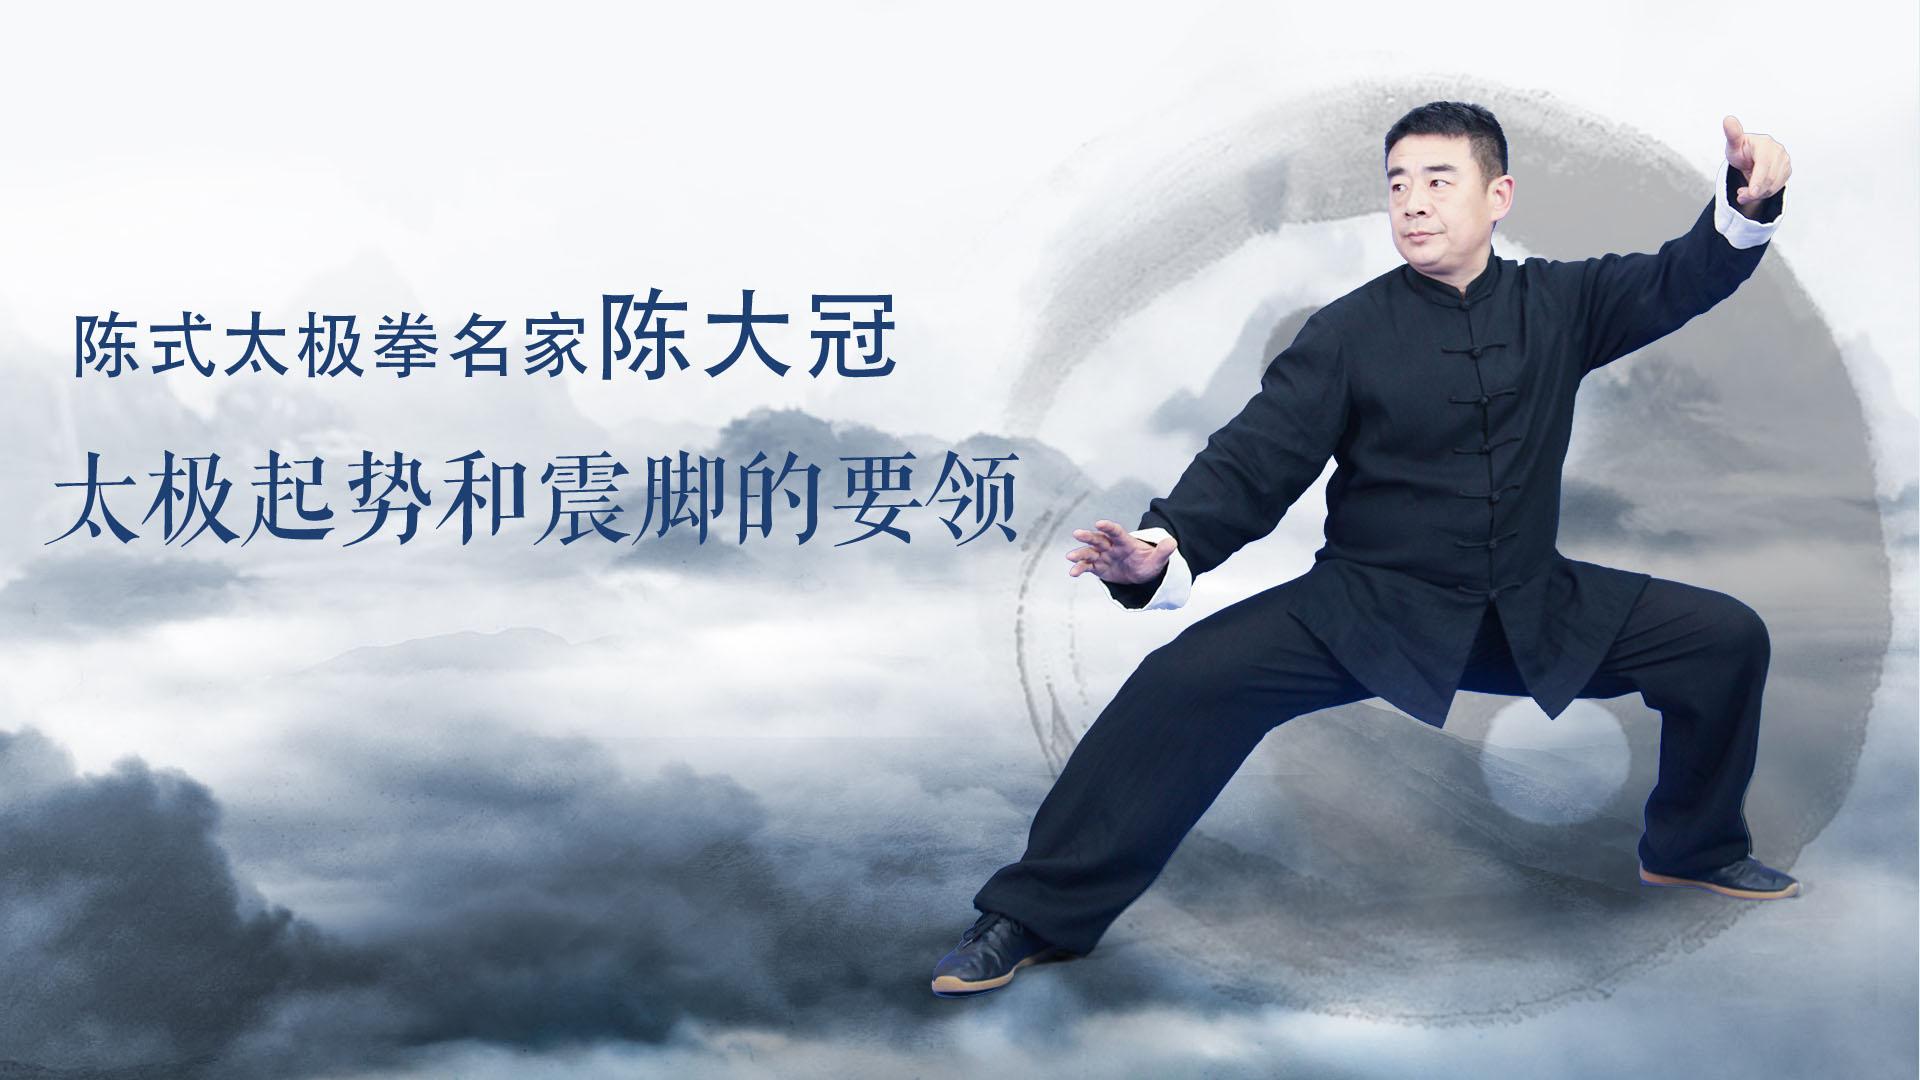 陈大冠讲解陈式太极拳起势和震脚的要领